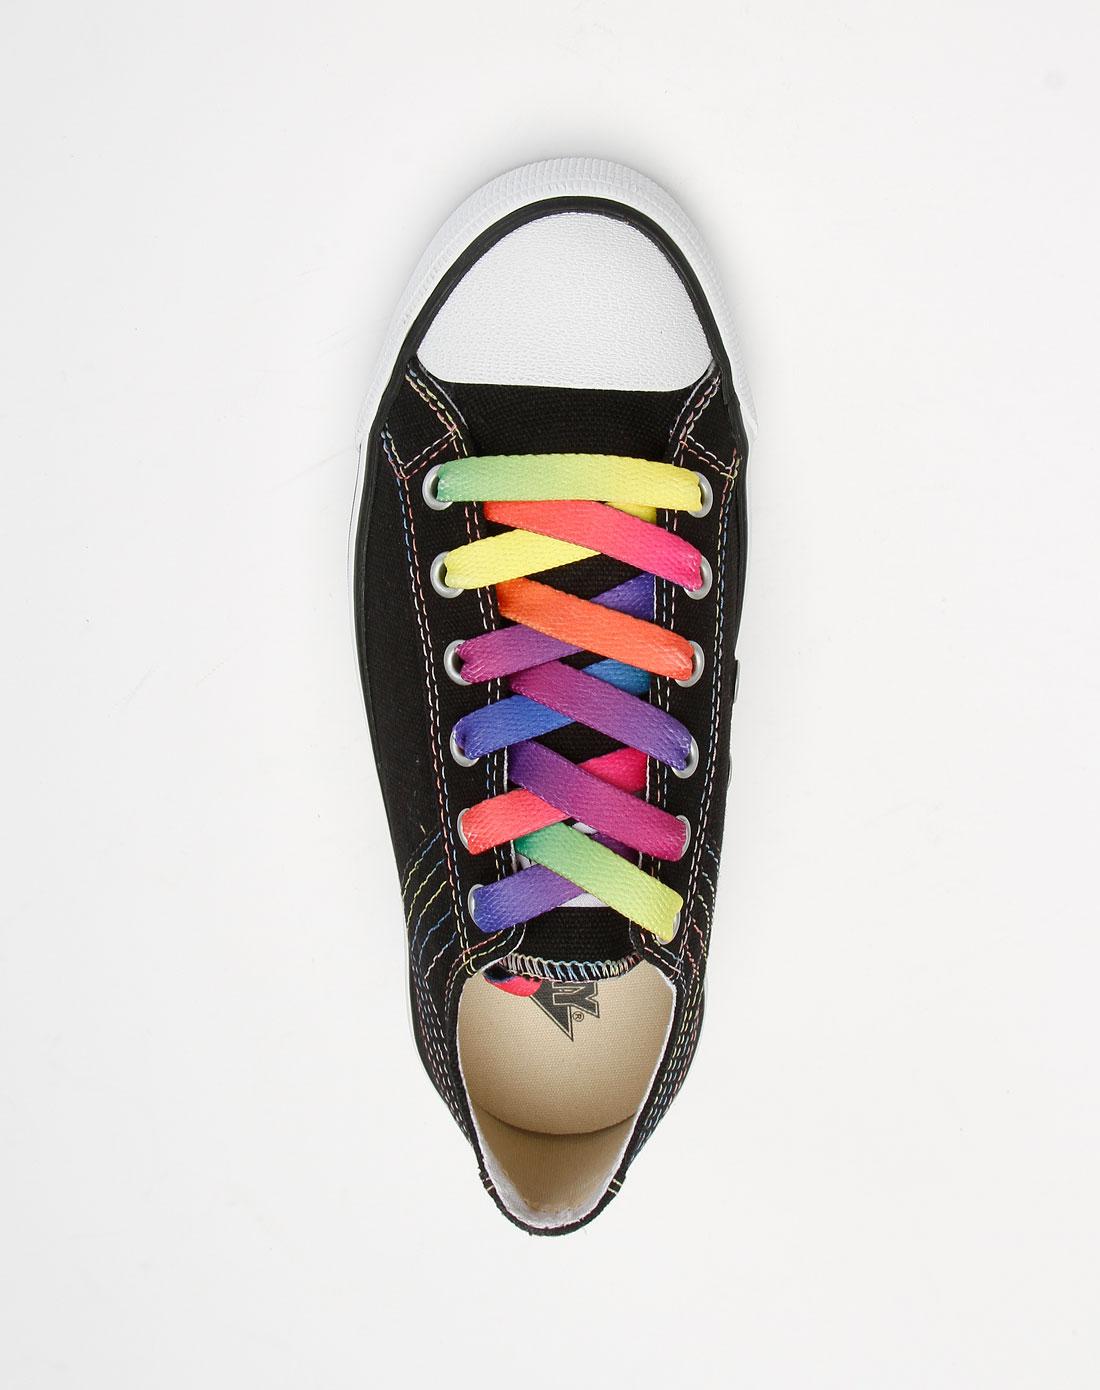 黑/白色休闲彩色鞋带硫化鞋